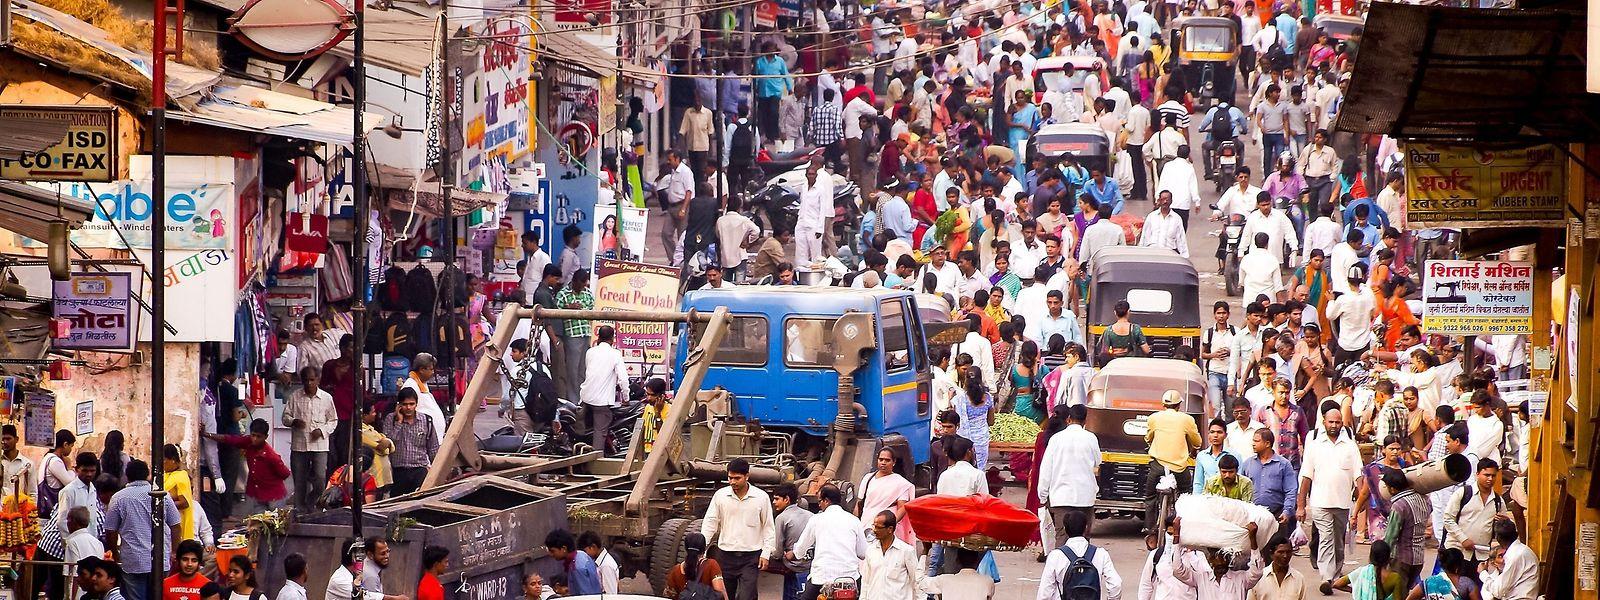 Indiens Hauptstadt New Delhi soll schon in zehn Jahren die größte Stadt der Welt sein.